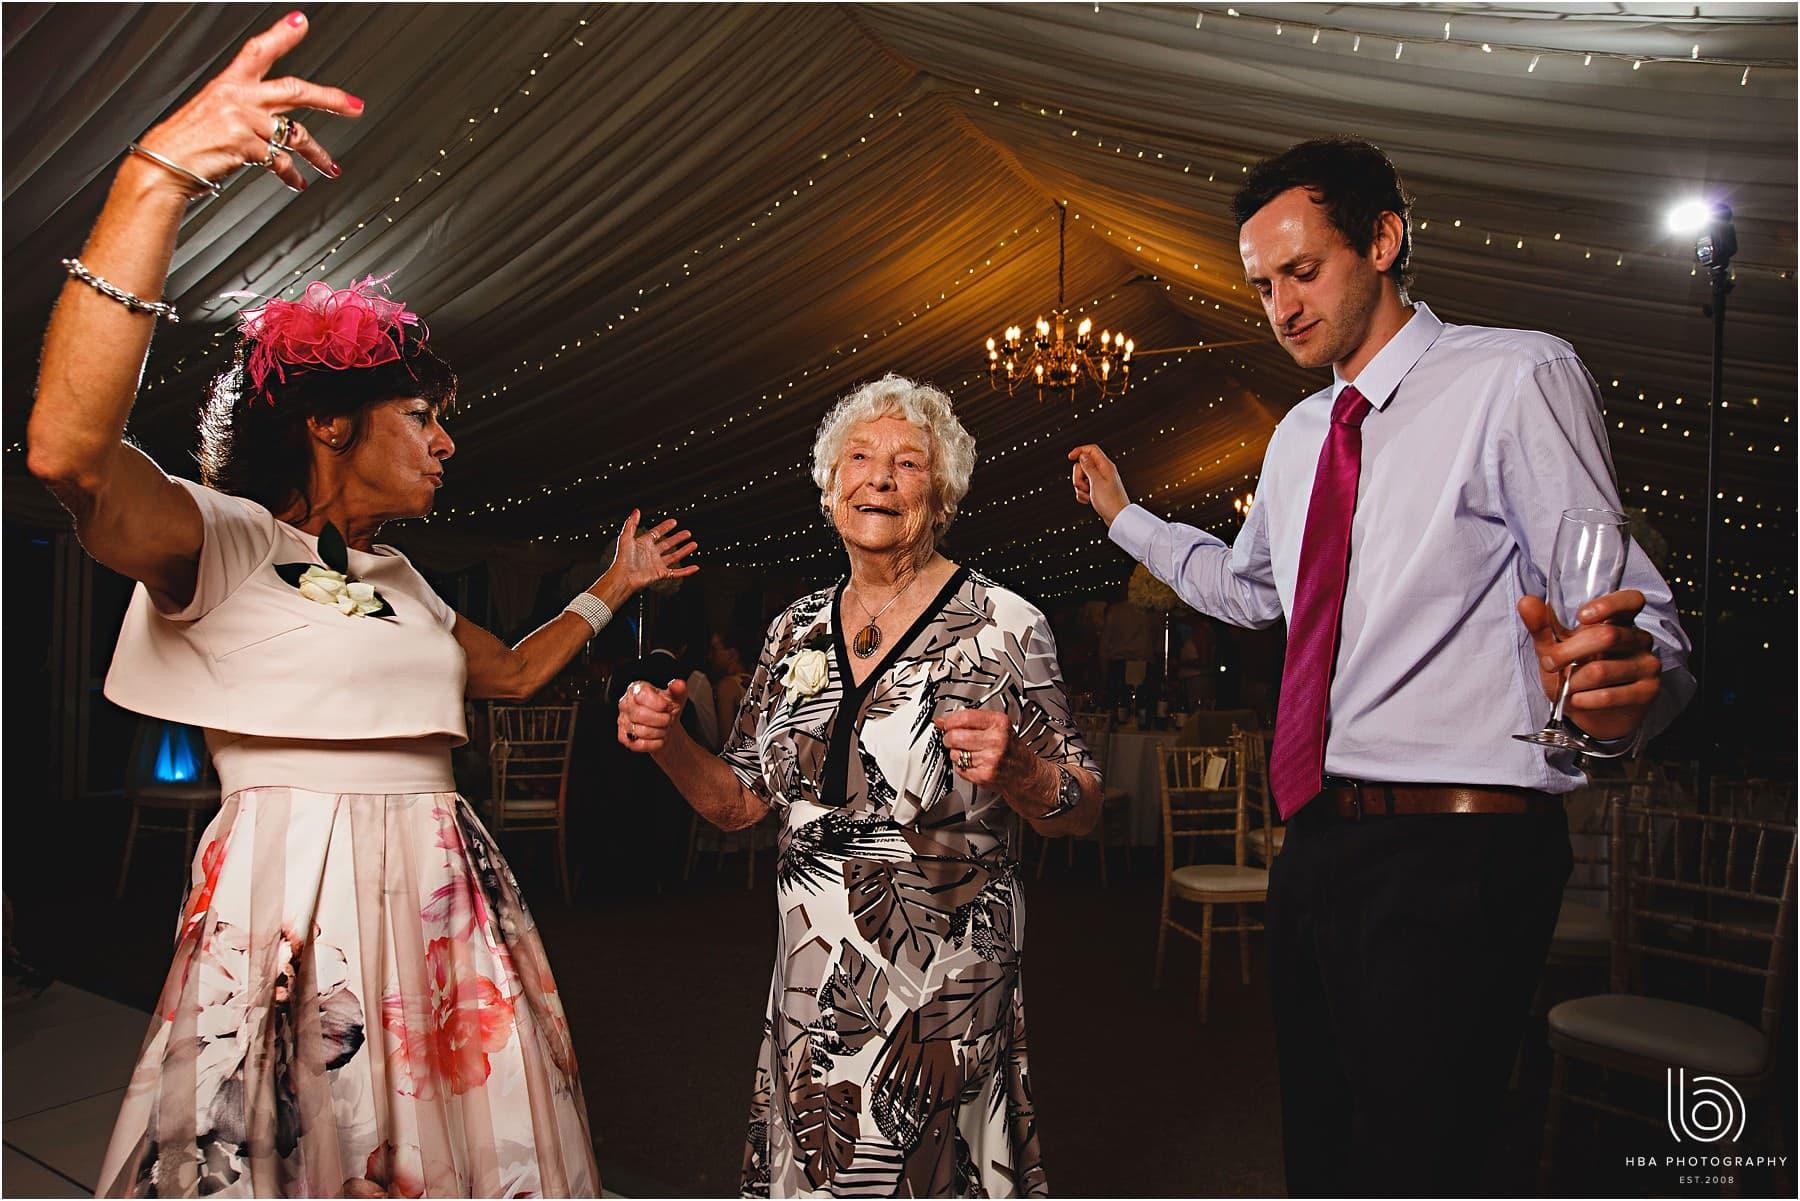 grandma dancing at the wedding